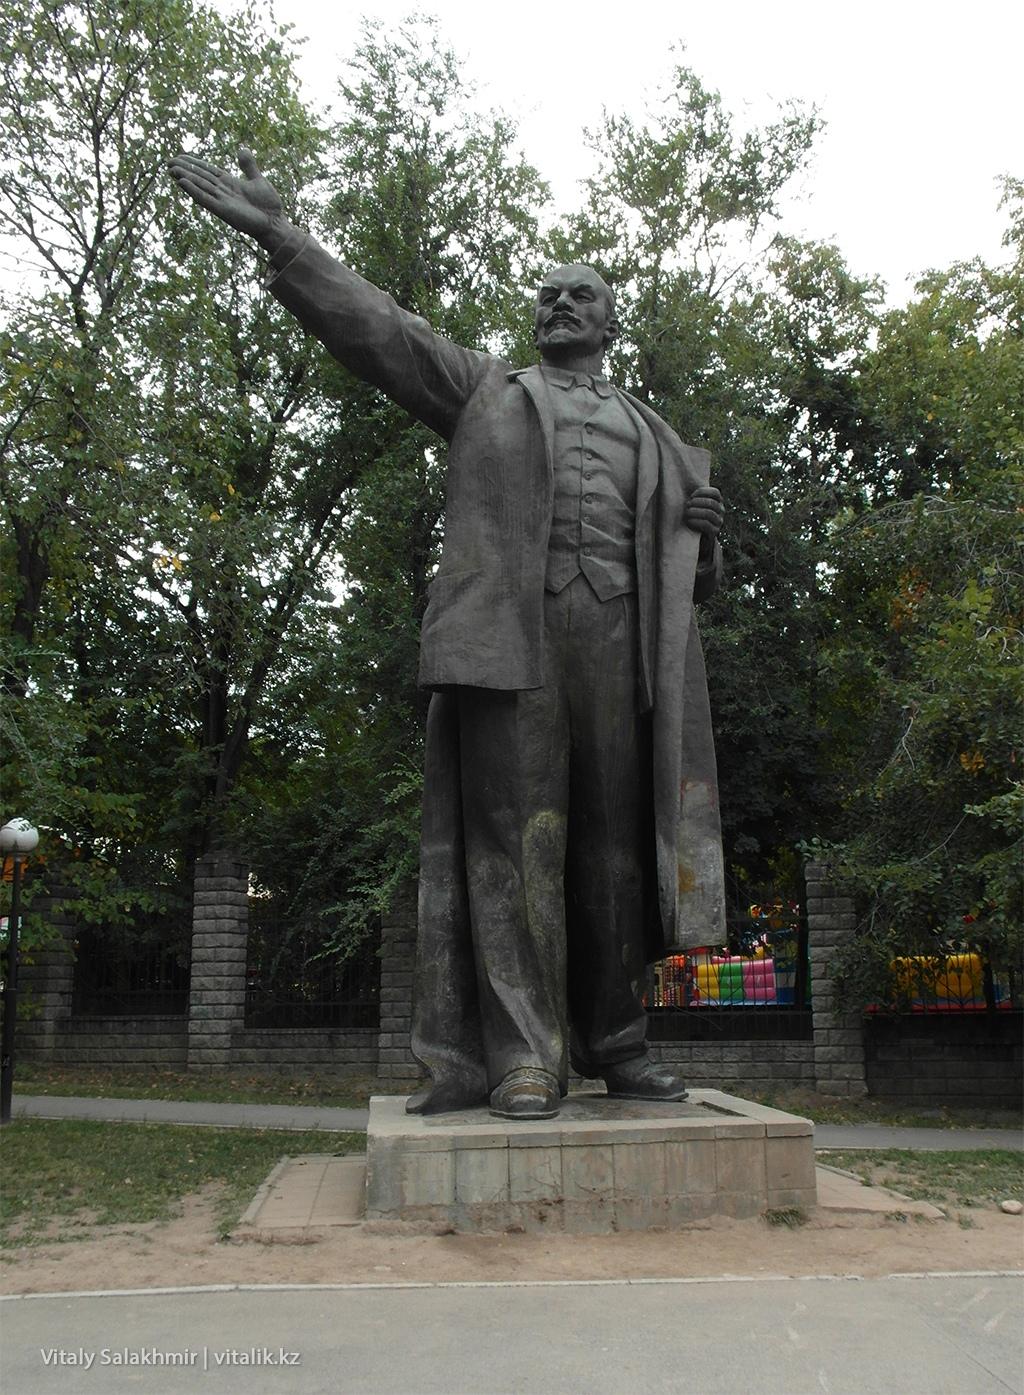 Памятник Ленину в Алматы, сквер Сары-Арка 2018